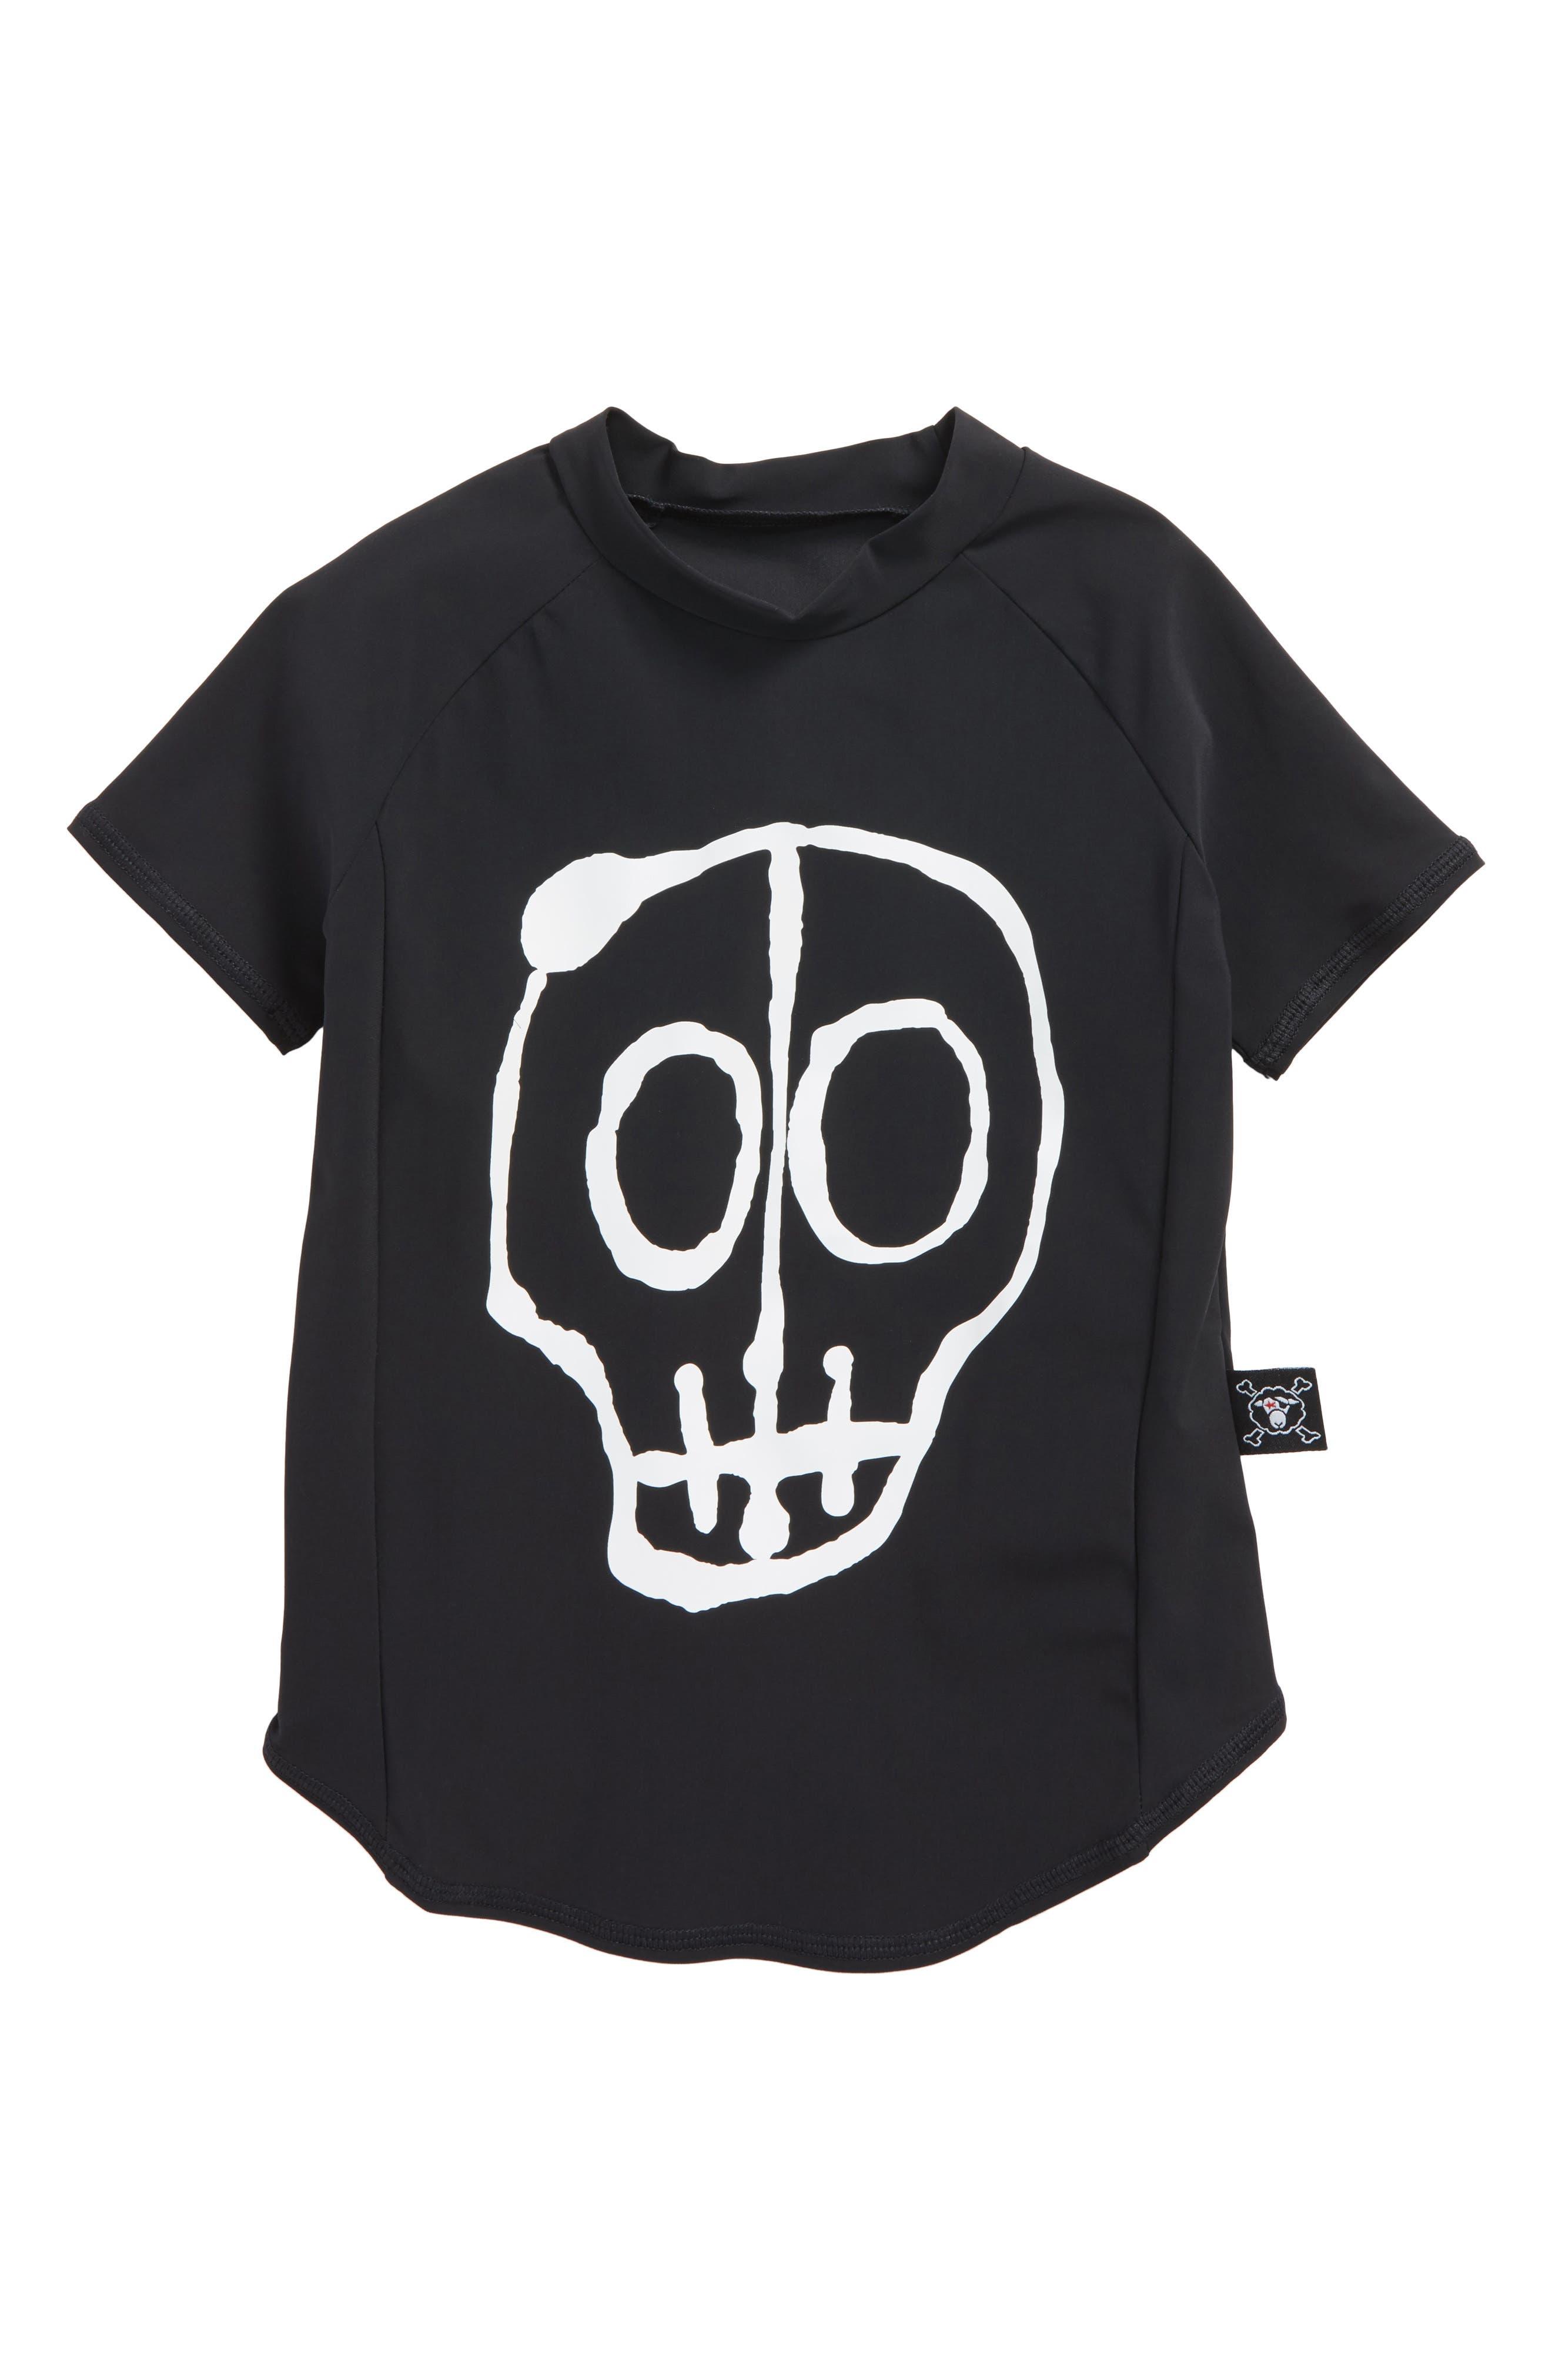 Skull Rashguard,                             Main thumbnail 1, color,                             001